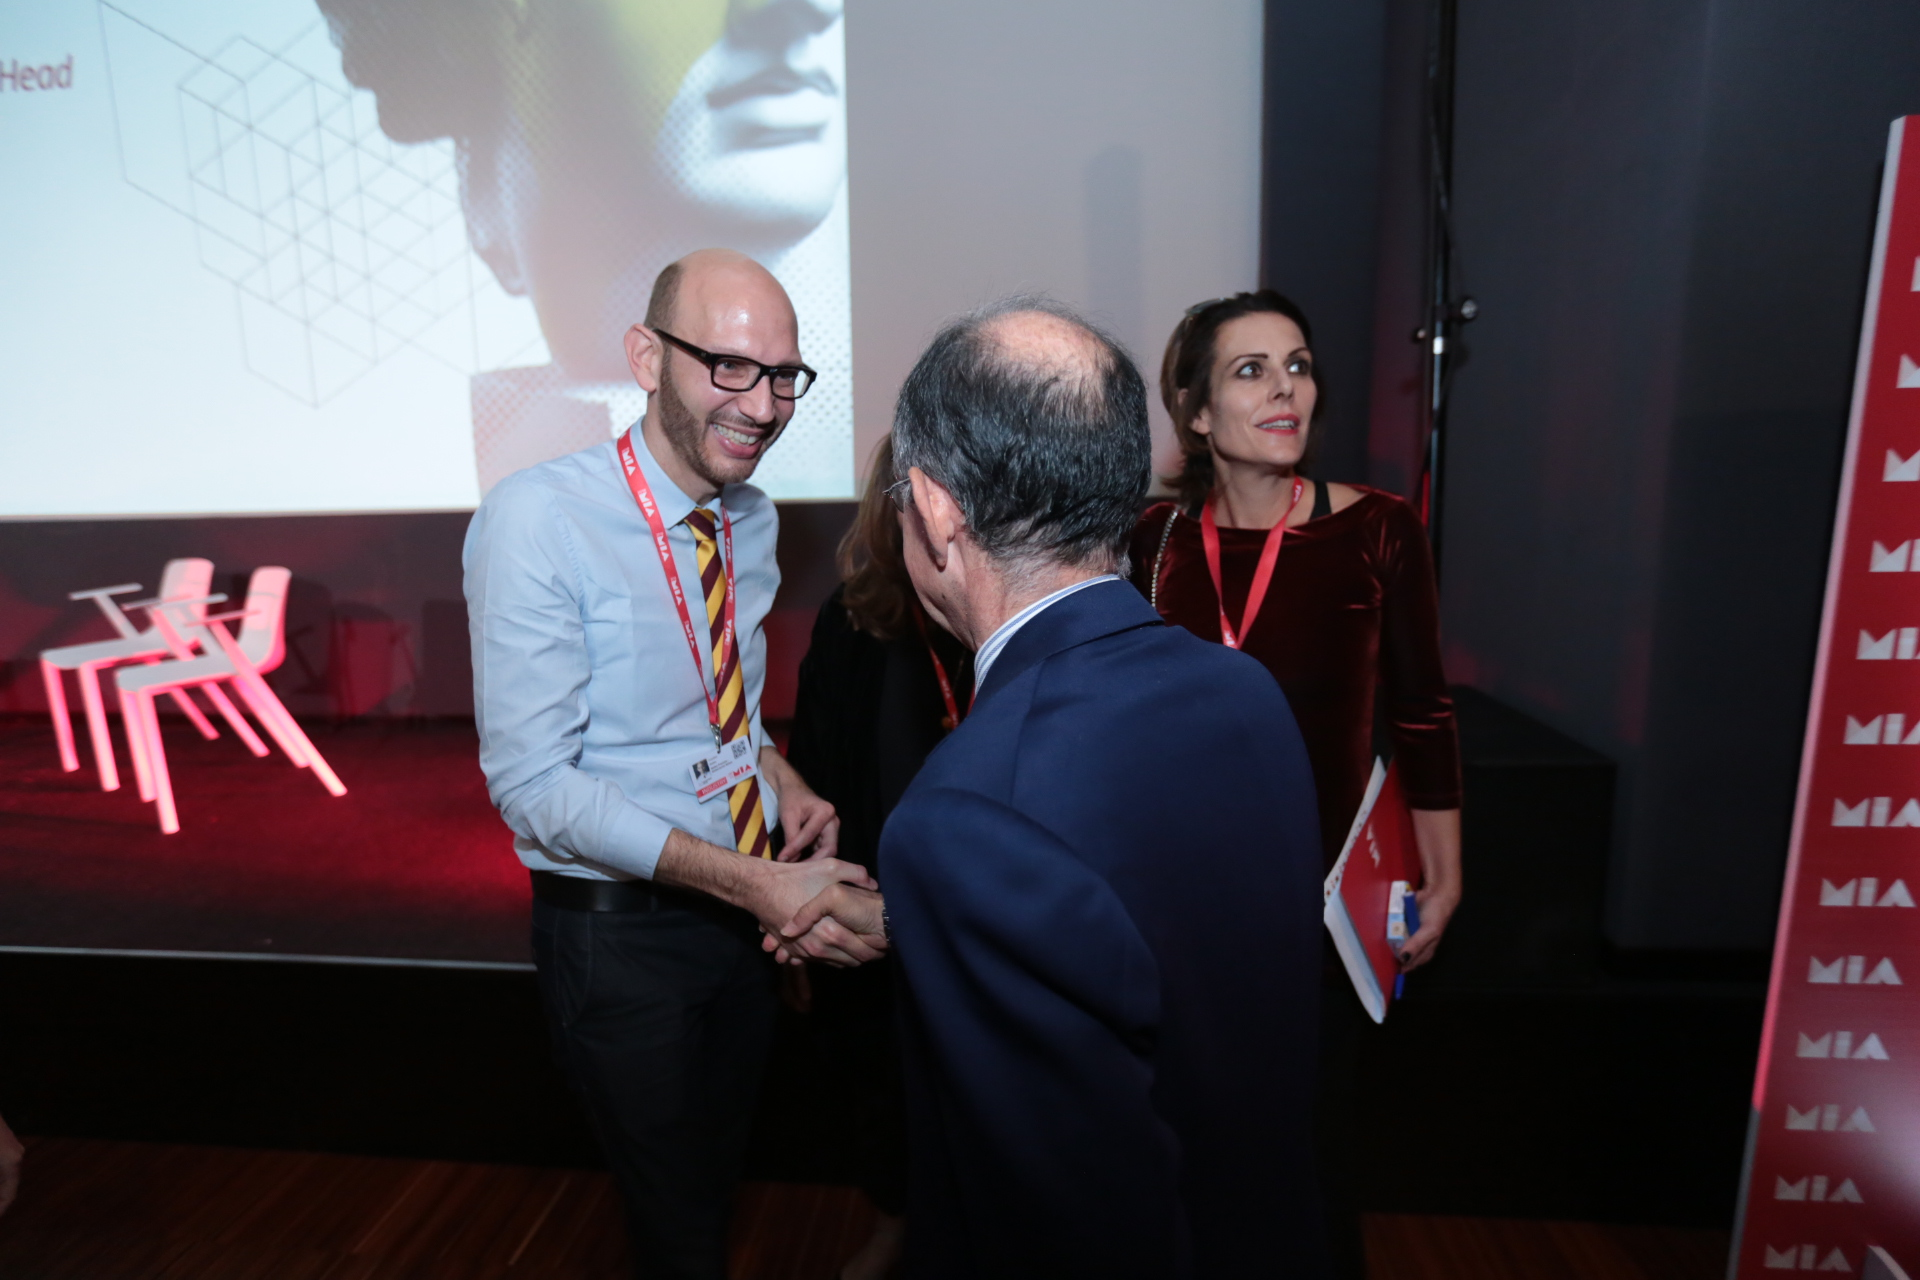 Walter Iuzzolino, Giancarlo Leone, Lucia Milazzotto